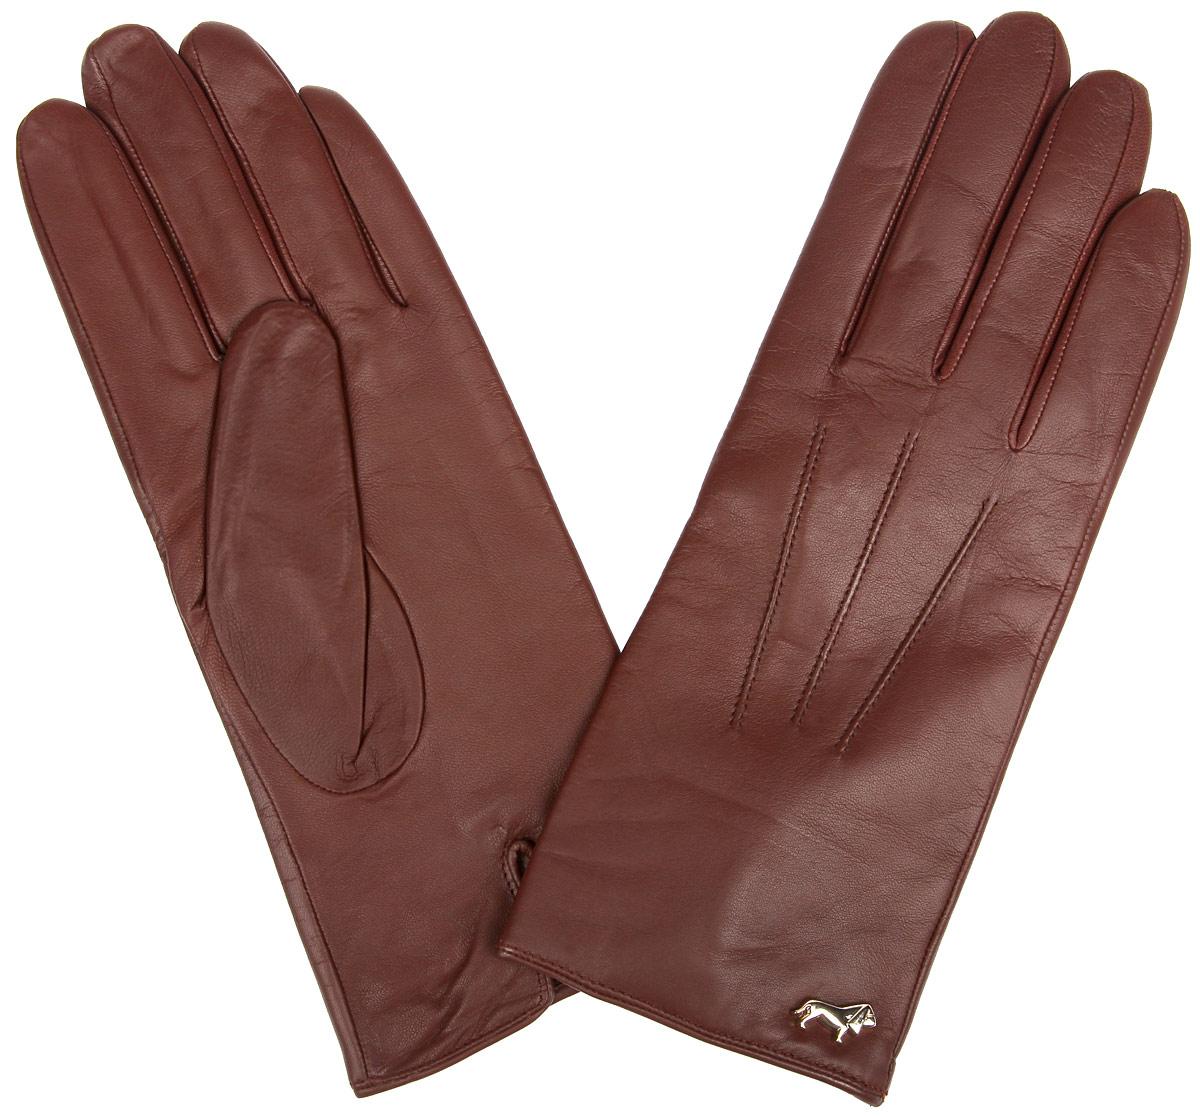 Перчатки женские Labbra, цвет: коричневый. LB-4607. Размер 7,5LB-4607Стильные женские перчатки Labbra не только защитят ваши руки от холода, но и станут великолепным украшением. Перчатки выполнены из из натуральной кожи ягненка с подкладкой из шерсти и акрила. Модель оформлена машинной строчкой три луча и фирменным декоративным элементом в виде собачки. В настоящее время перчатки являются неотъемлемой частью одежды, вместе с этим аксессуаром вы обретаете женственность и элегантность. Перчатки станут завершающим и подчеркивающим элементом вашего стиля и неповторимости.